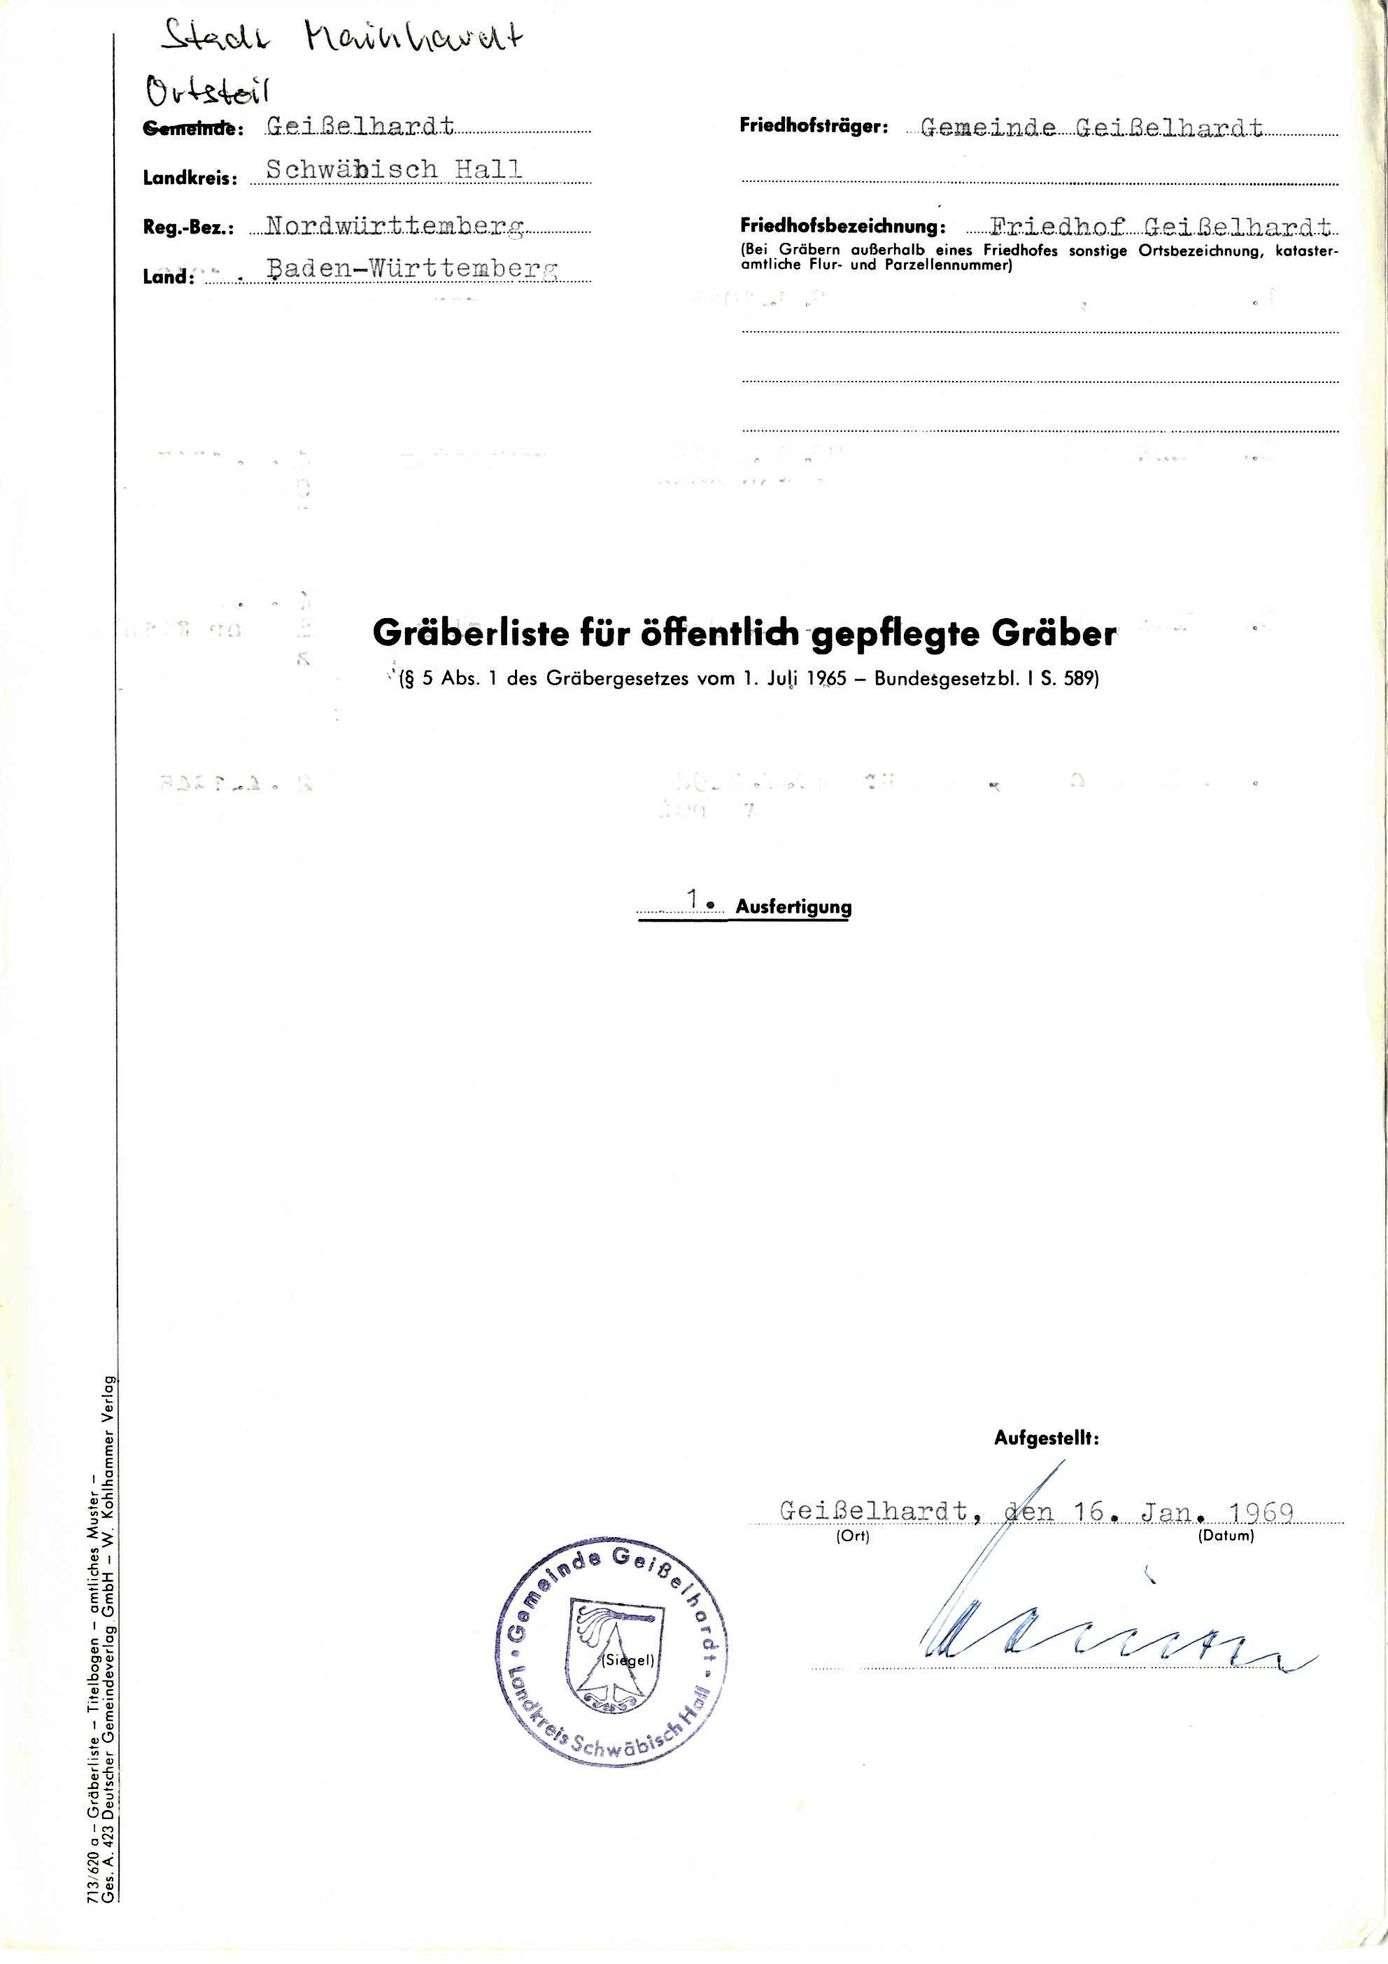 Geißelhardt, Bild 1